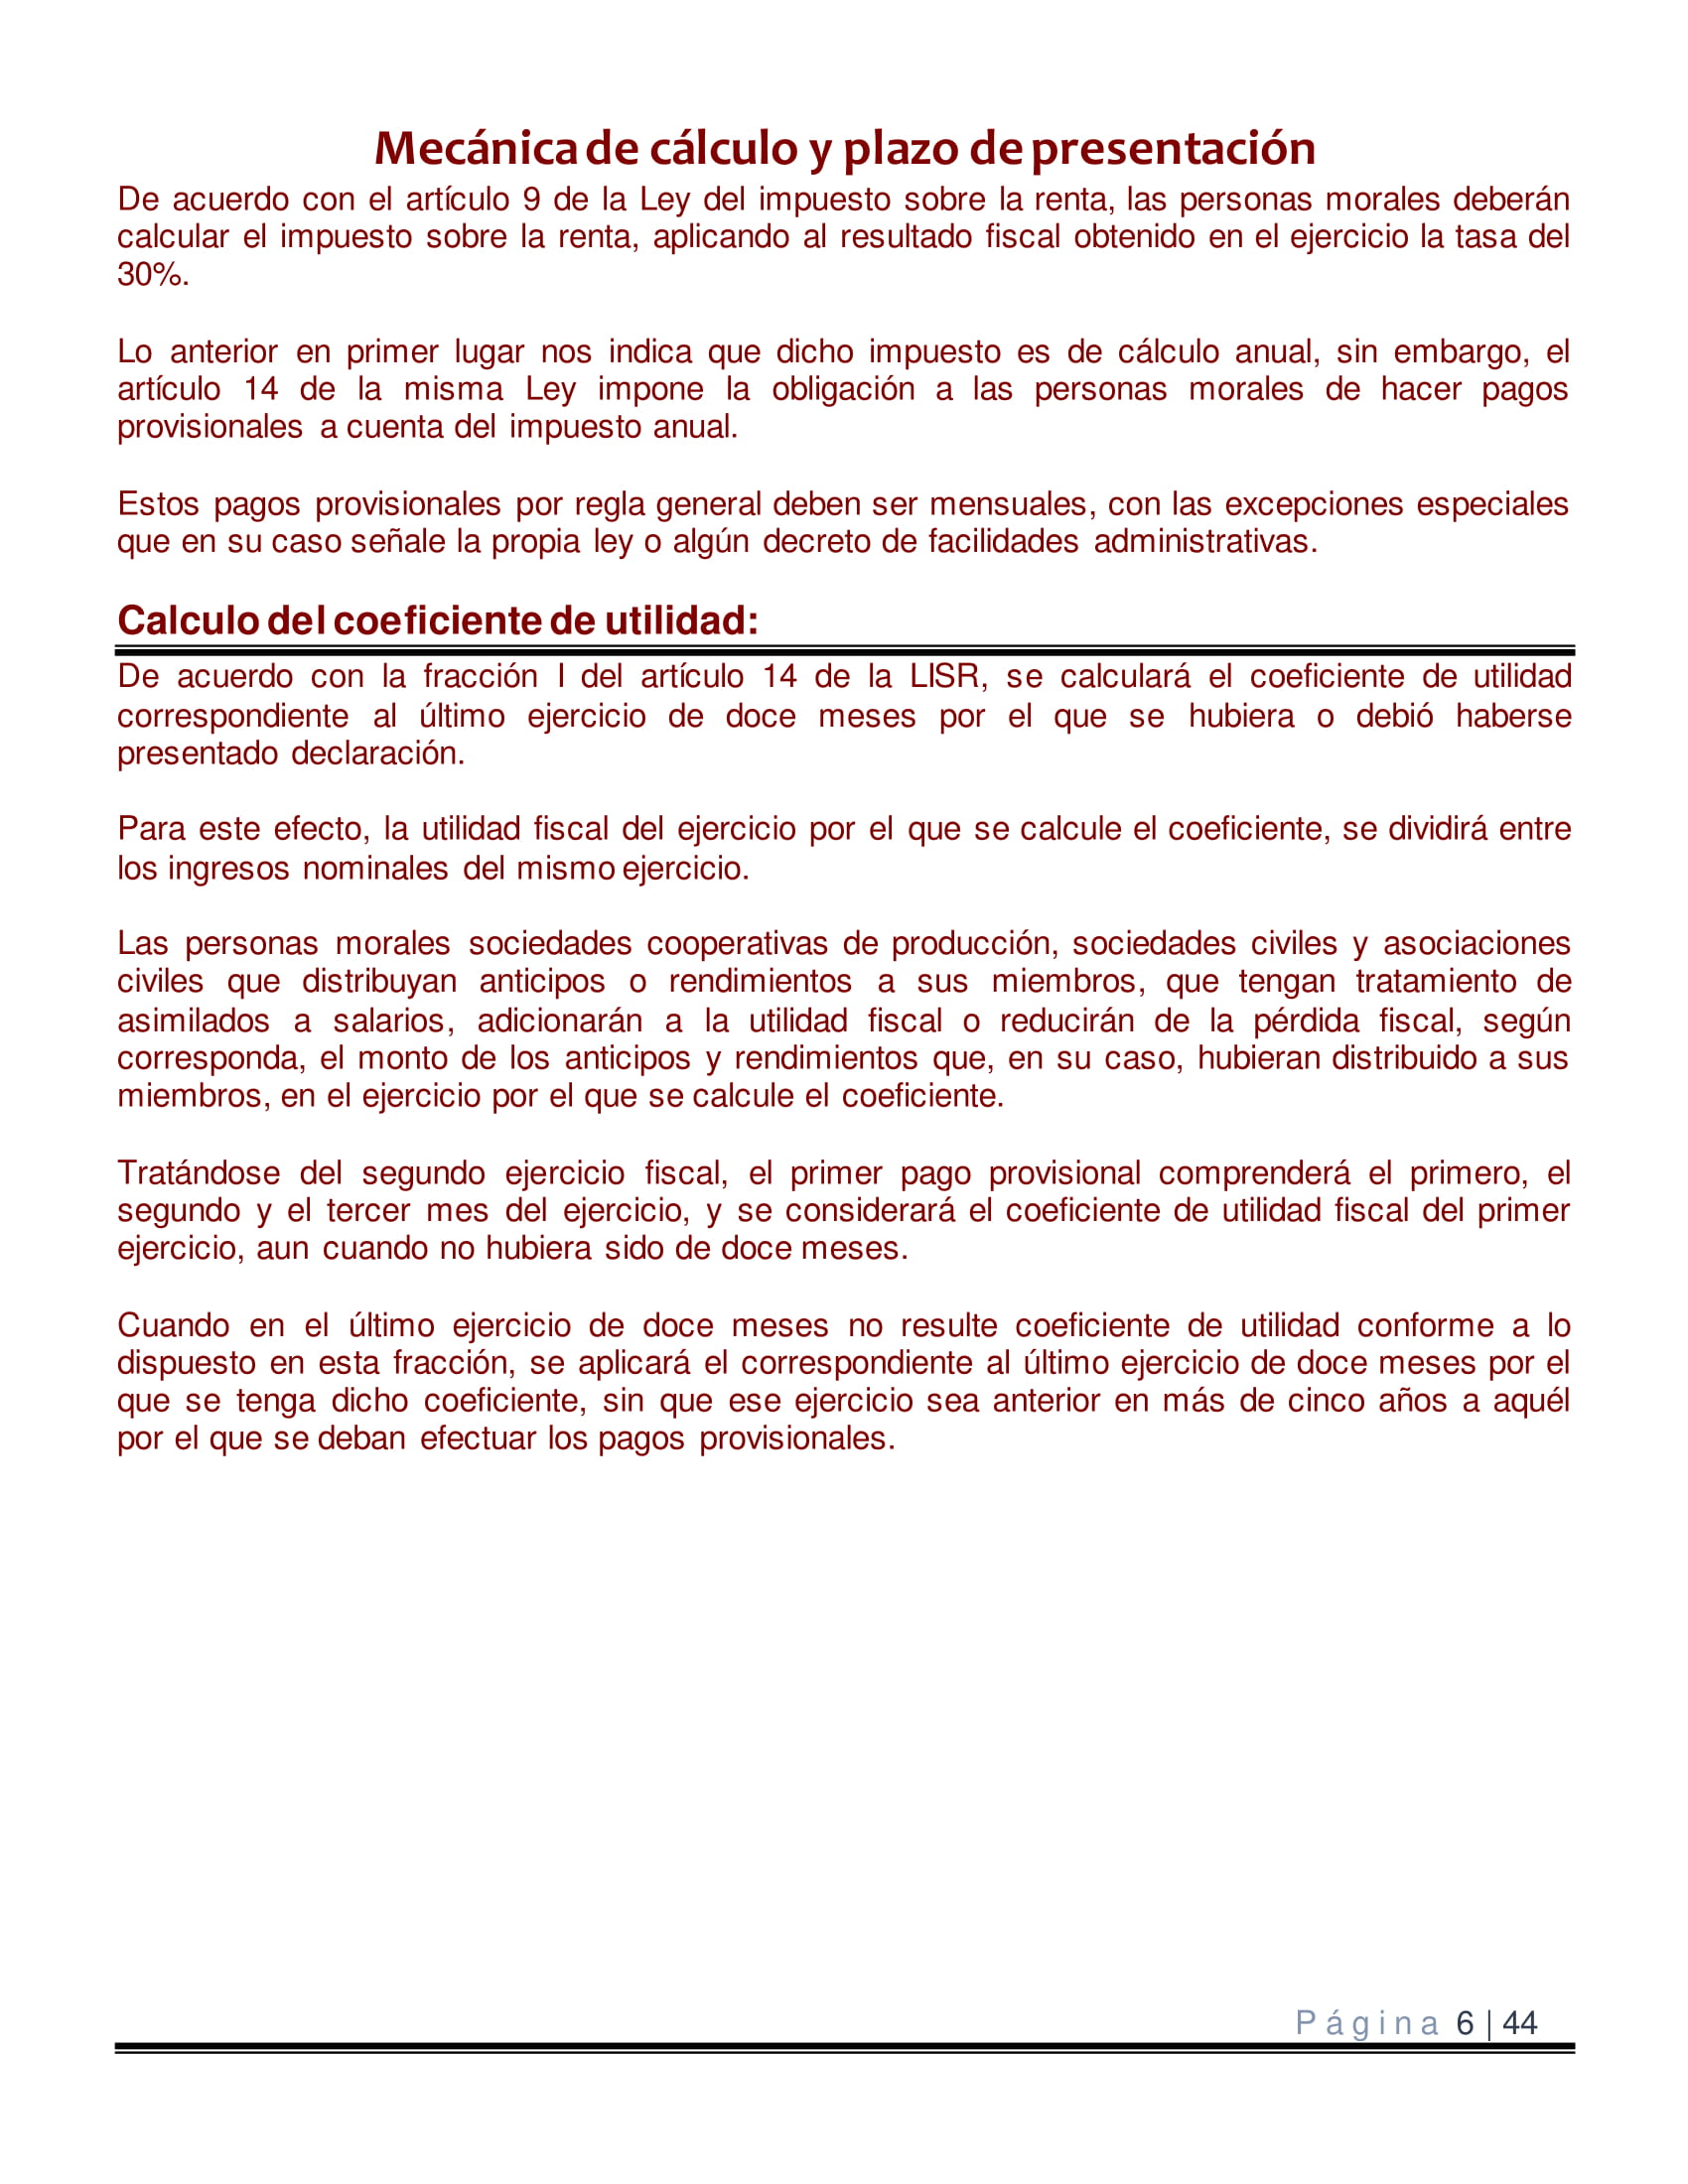 Libro_Pagos_Provisionales_2018-06